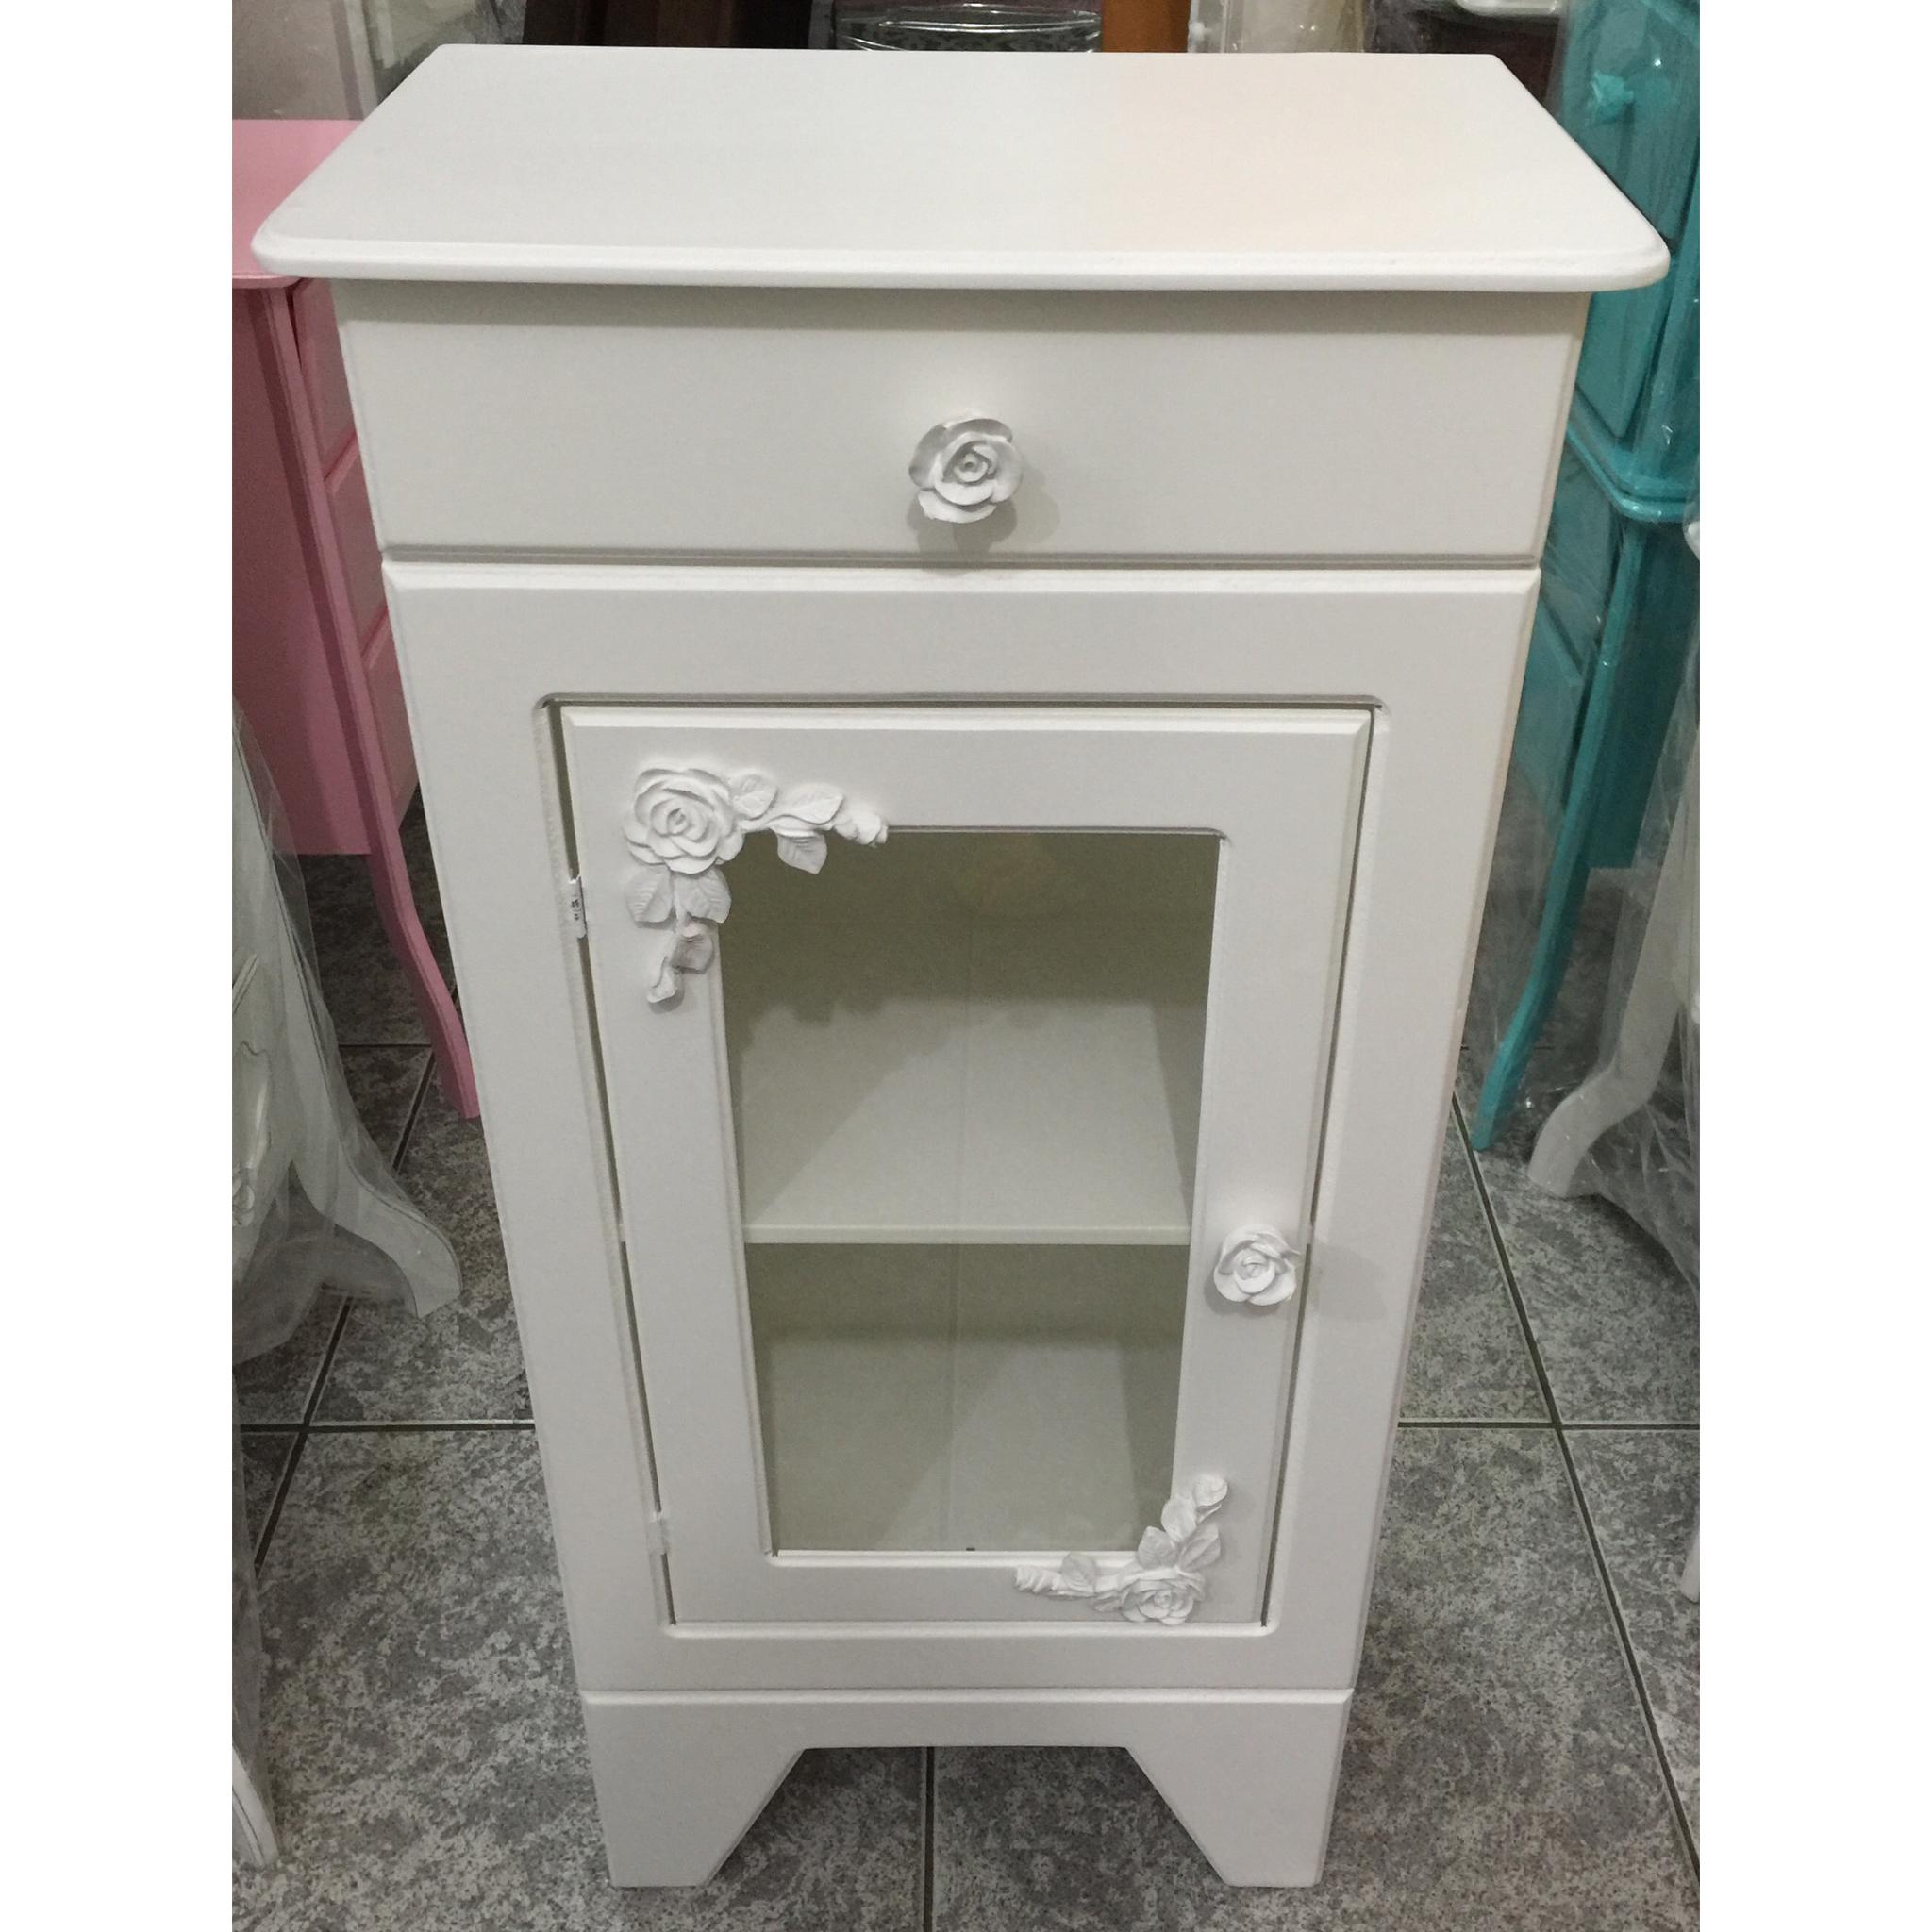 Armário para banheirosalaquarto  Ateliê Coisas de Raquel  Elo7 -> Armario Banheiro Sp